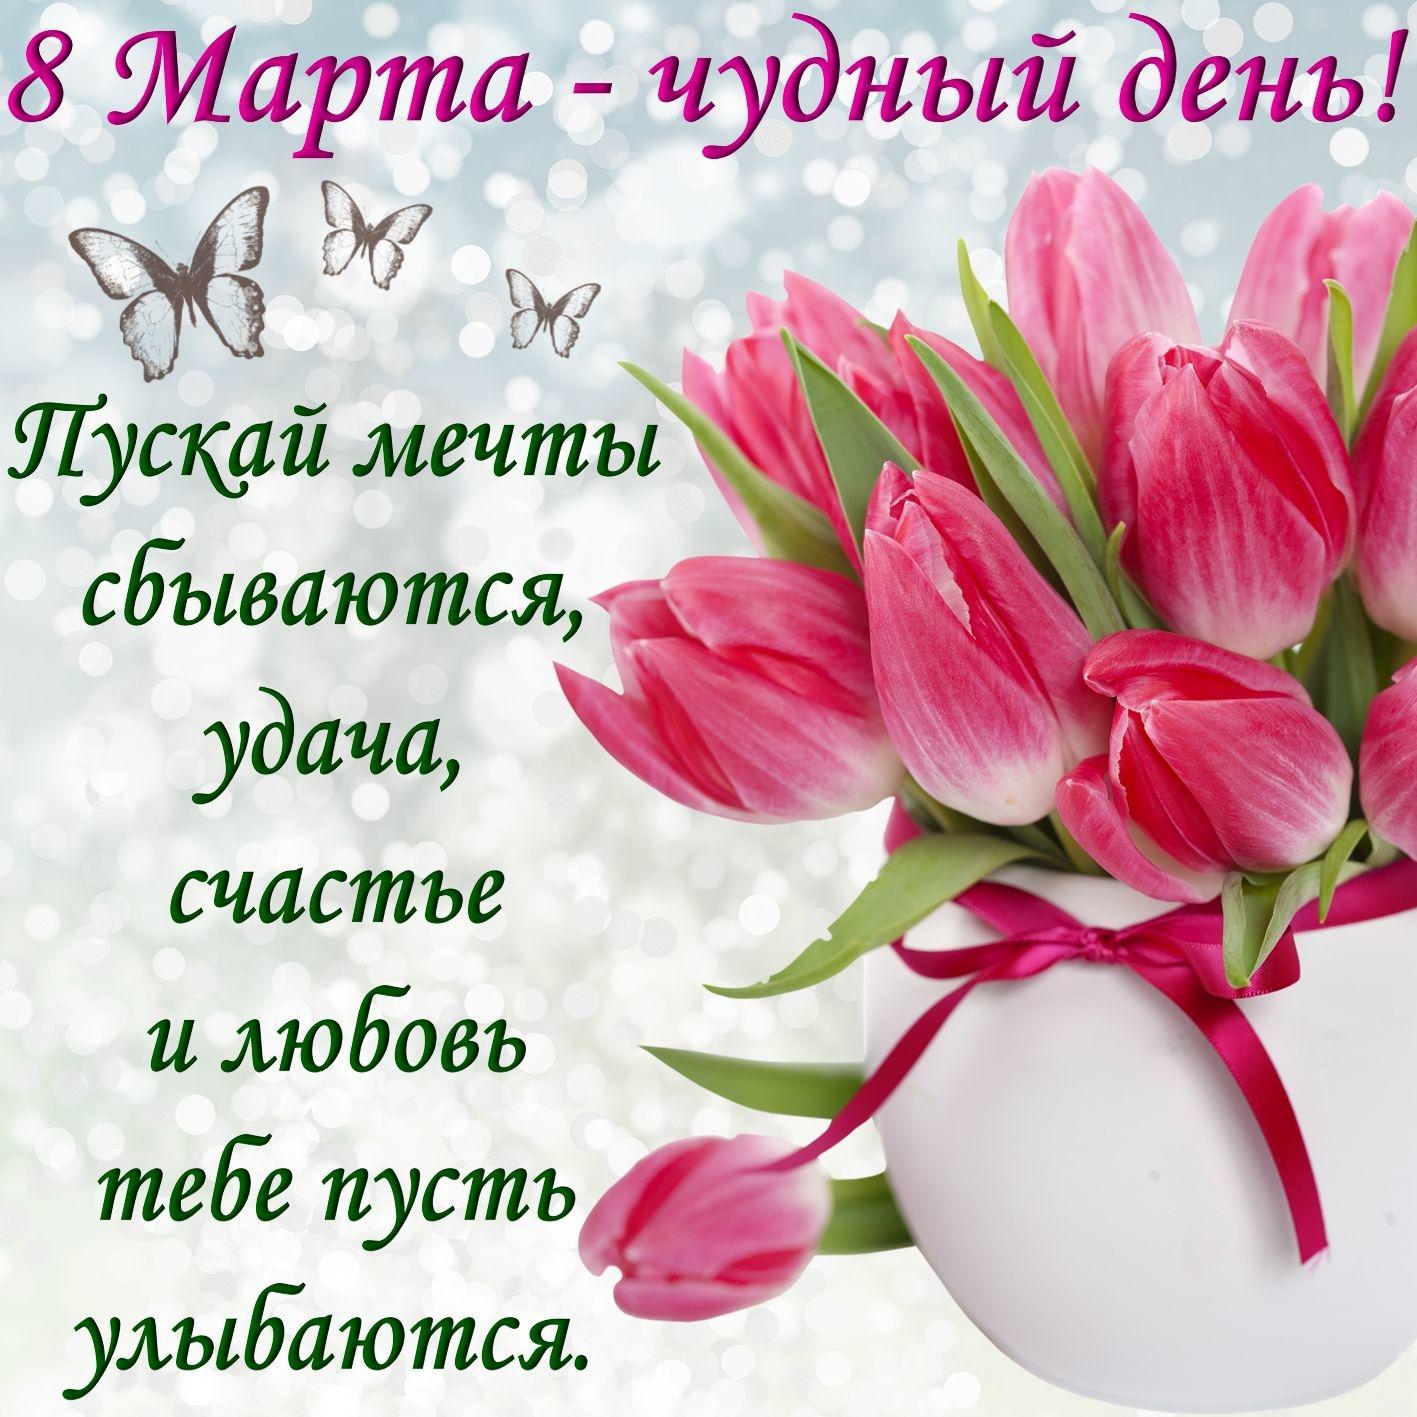 Поздравления 8 марта открытка